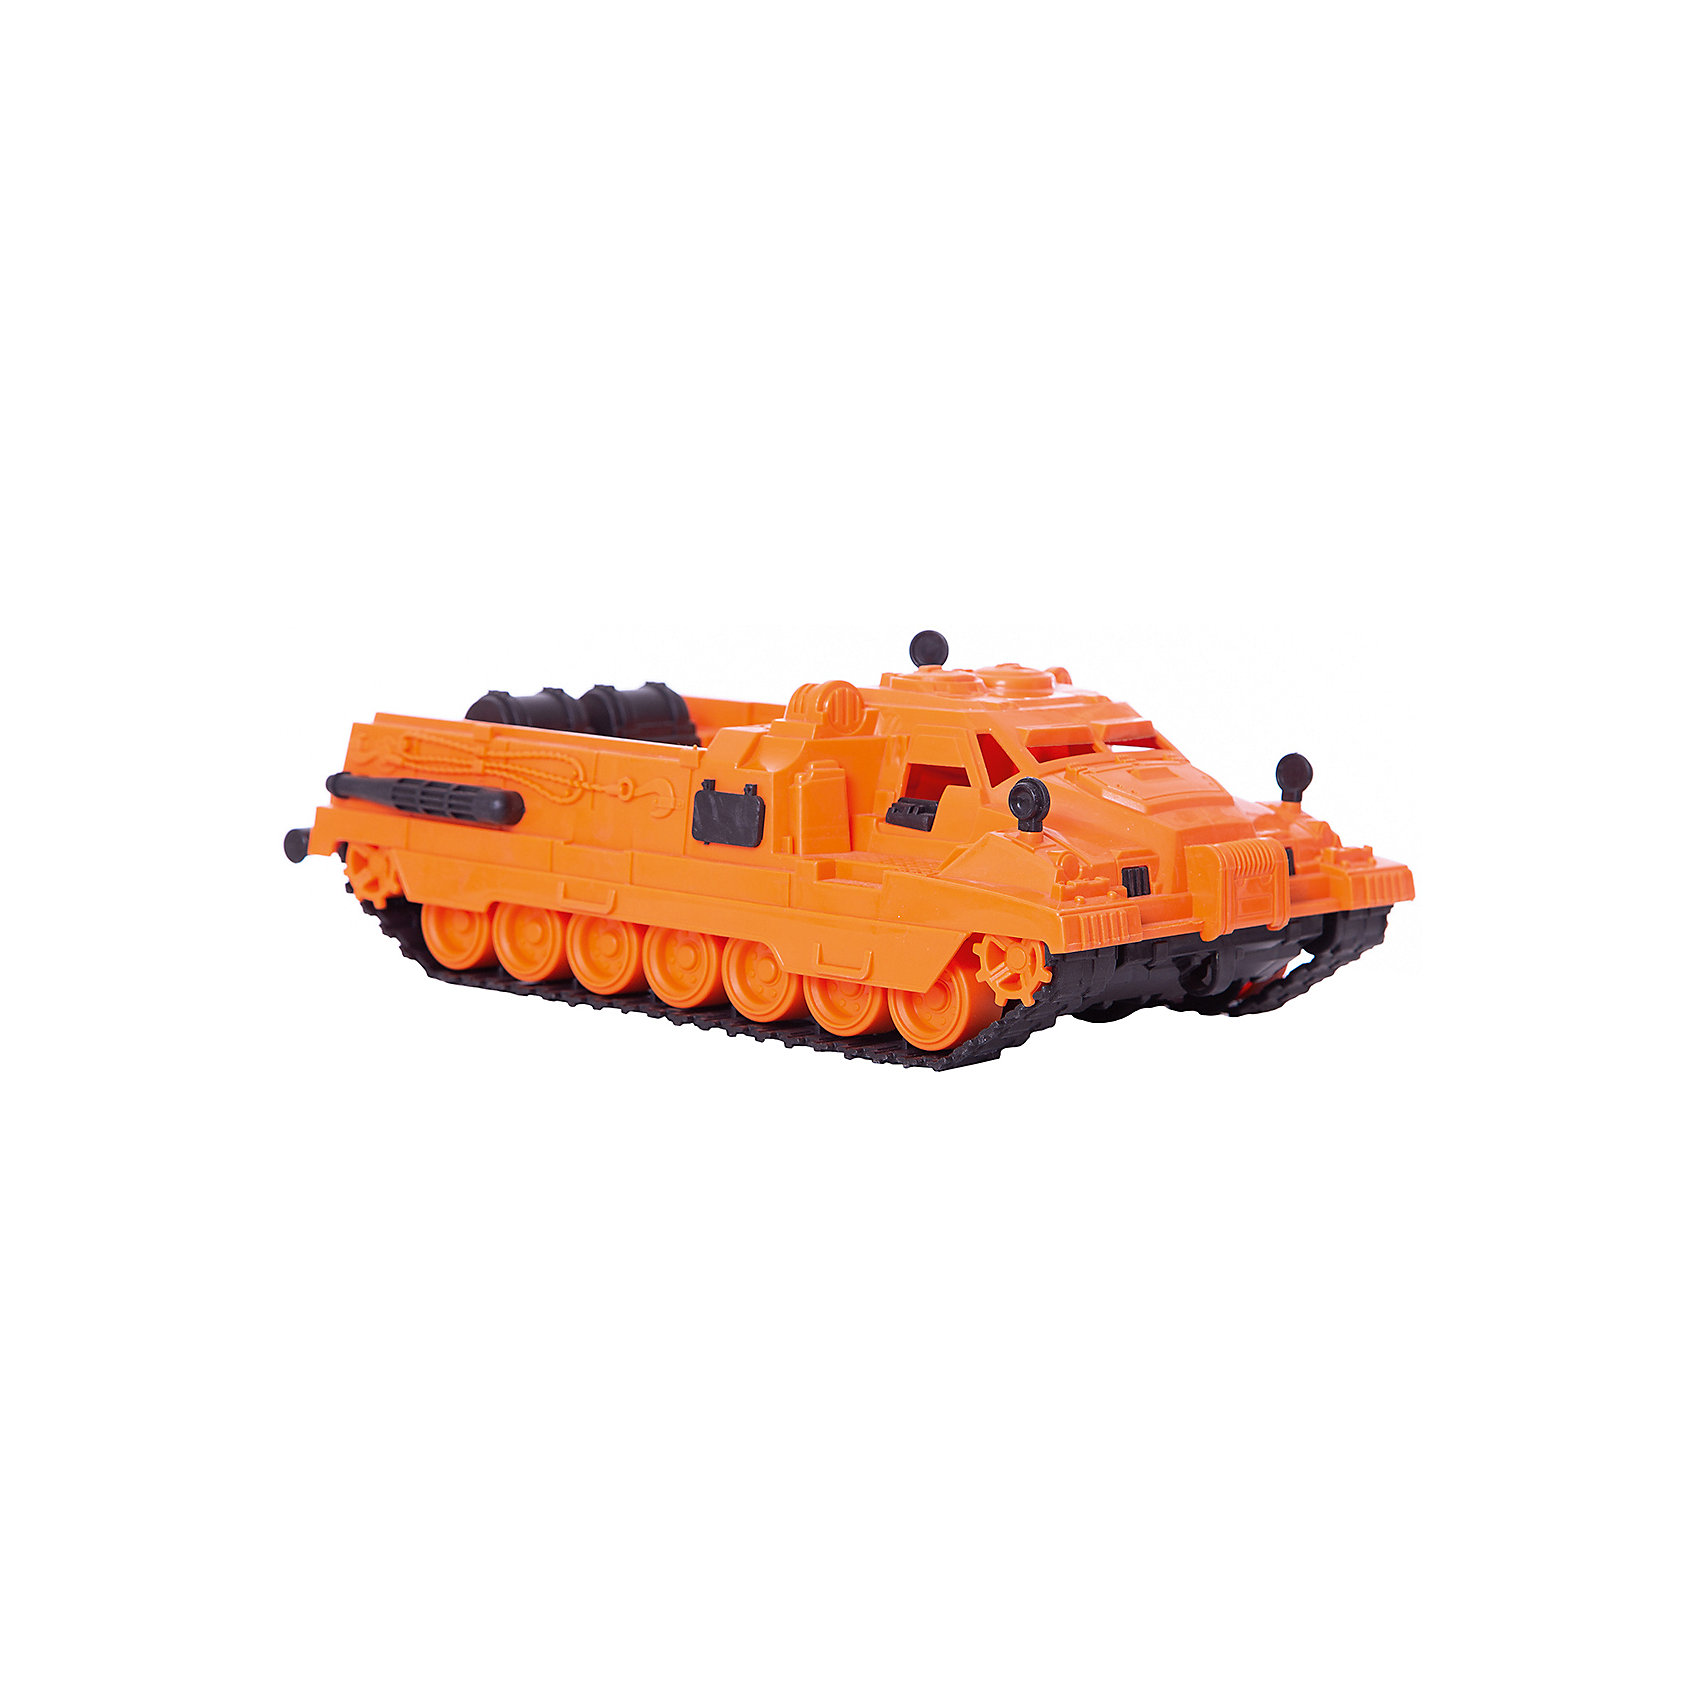 Вездеход Геолог, НордпластВездеход Геолог, Нордпласт – эта игрушка из военной серии отличный подарок для любого мальчугана!<br>Вездеход Геолог от компании «Нордпласт» выглядит совсем как настоящий вездеход. Именно такой автомобиль должен бороздить непроходимые просторы в поисках сокровищ, скрытых в недрах земли. Игрушечных пассажиров (в комплект не входят) можно рассадить в кузове. С вездеходом Геолог на гусеничном ходу малыш сможет преодолеть любое бездорожье! Машина отлично подойдет для игры дома или в песочнице. Игрушка изготовлена из высококачественной пищевой пластмассы, без трещин и заусениц, поэтому во время эксплуатации выдержит многие детские шалости. Она покрыта нетоксичной краской, не облупливающейся и не выгорающей на солнце.<br><br>Дополнительная информация:<br><br>- Материал: высококачественная пластмасса<br>- Цвет: оранжевый<br>- Размер игрушки: 30,8х16х11,1 см.<br>- Вес: 400 гр.<br><br>Вездеход Геолог, Нордпласт можно купить в нашем интернет-магазине.<br><br>Ширина мм: 310<br>Глубина мм: 160<br>Высота мм: 120<br>Вес г: 400<br>Возраст от месяцев: 24<br>Возраст до месяцев: 60<br>Пол: Мужской<br>Возраст: Детский<br>SKU: 4060291